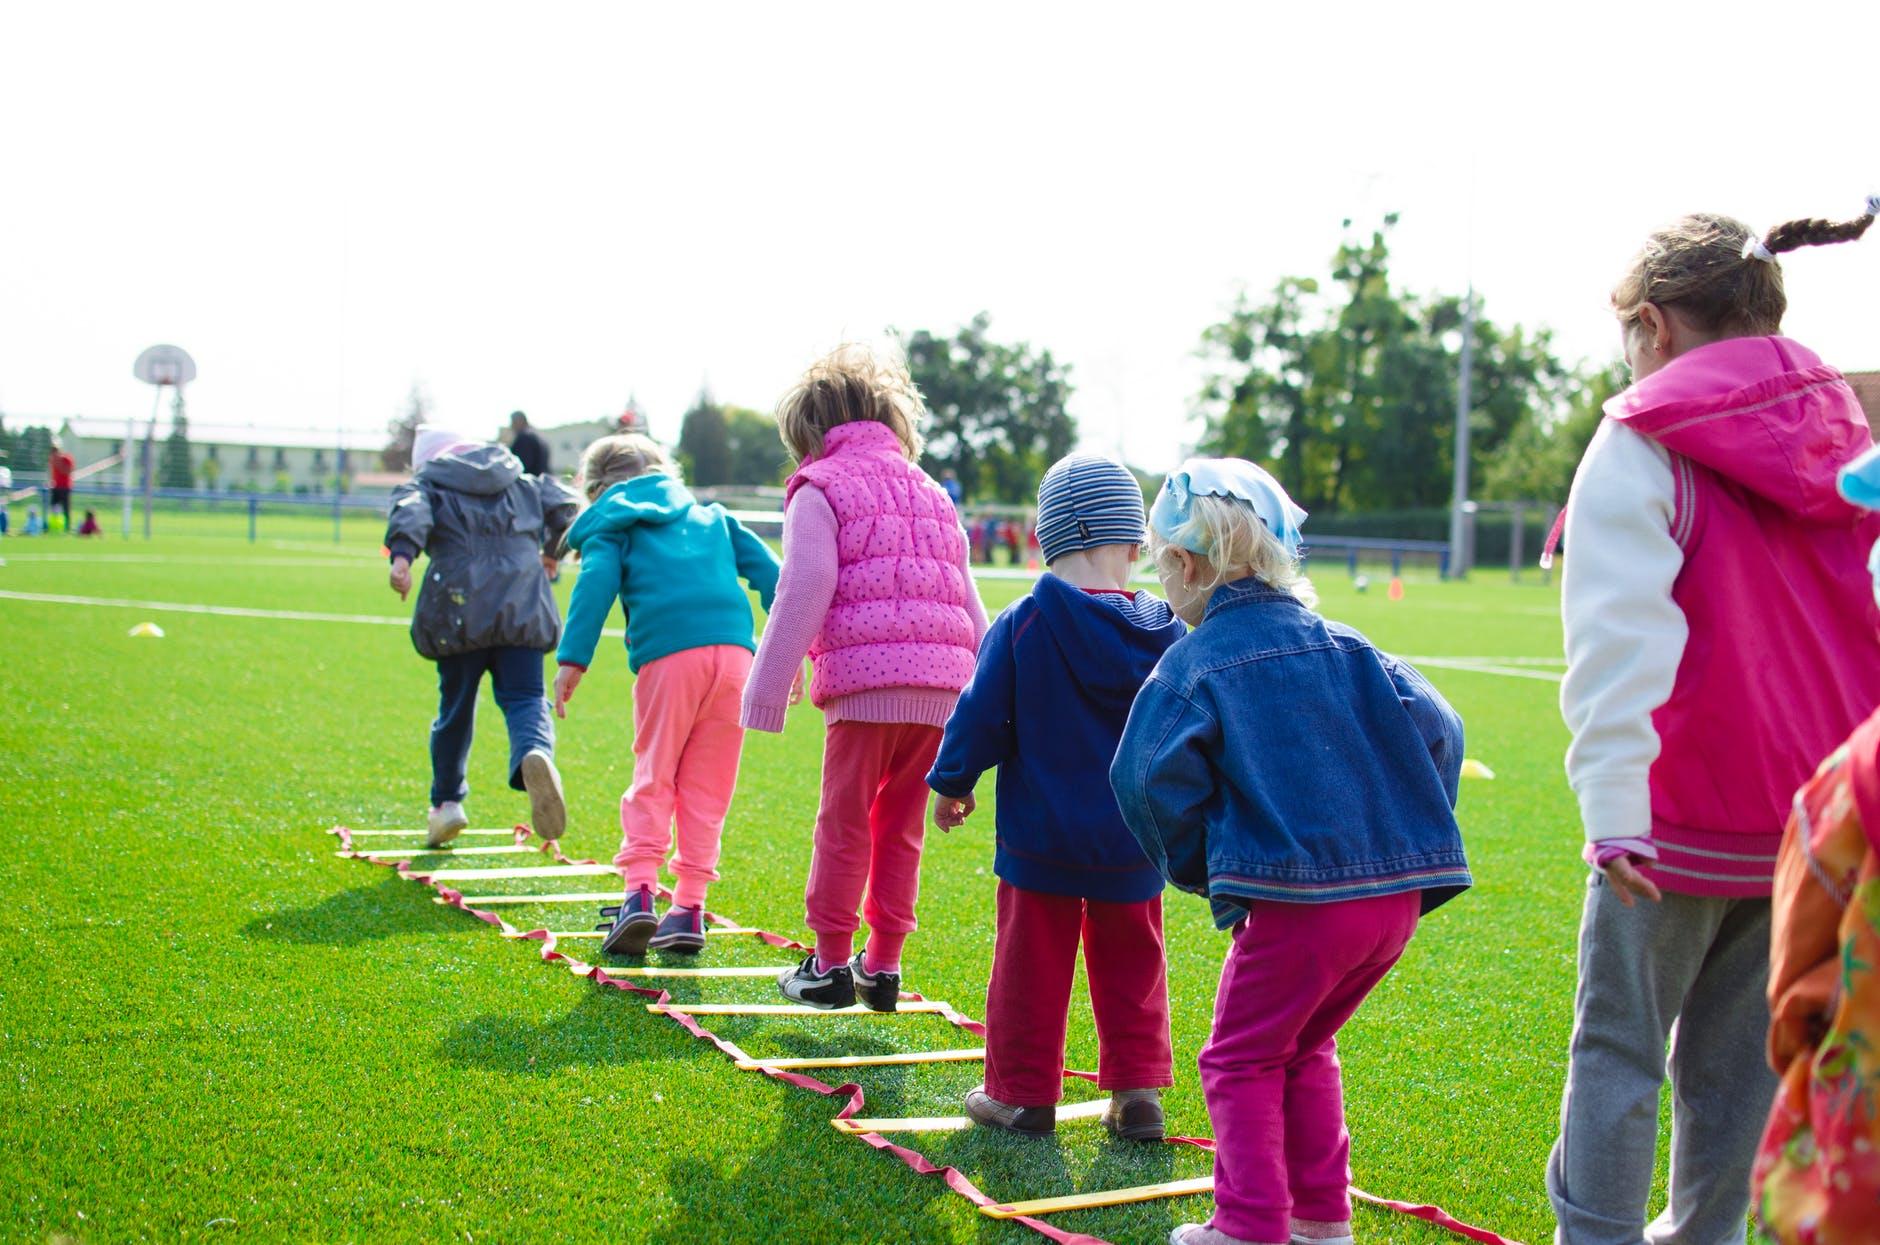 Bugün 20 Kasım Dünya Çocuk Hakları Günü!